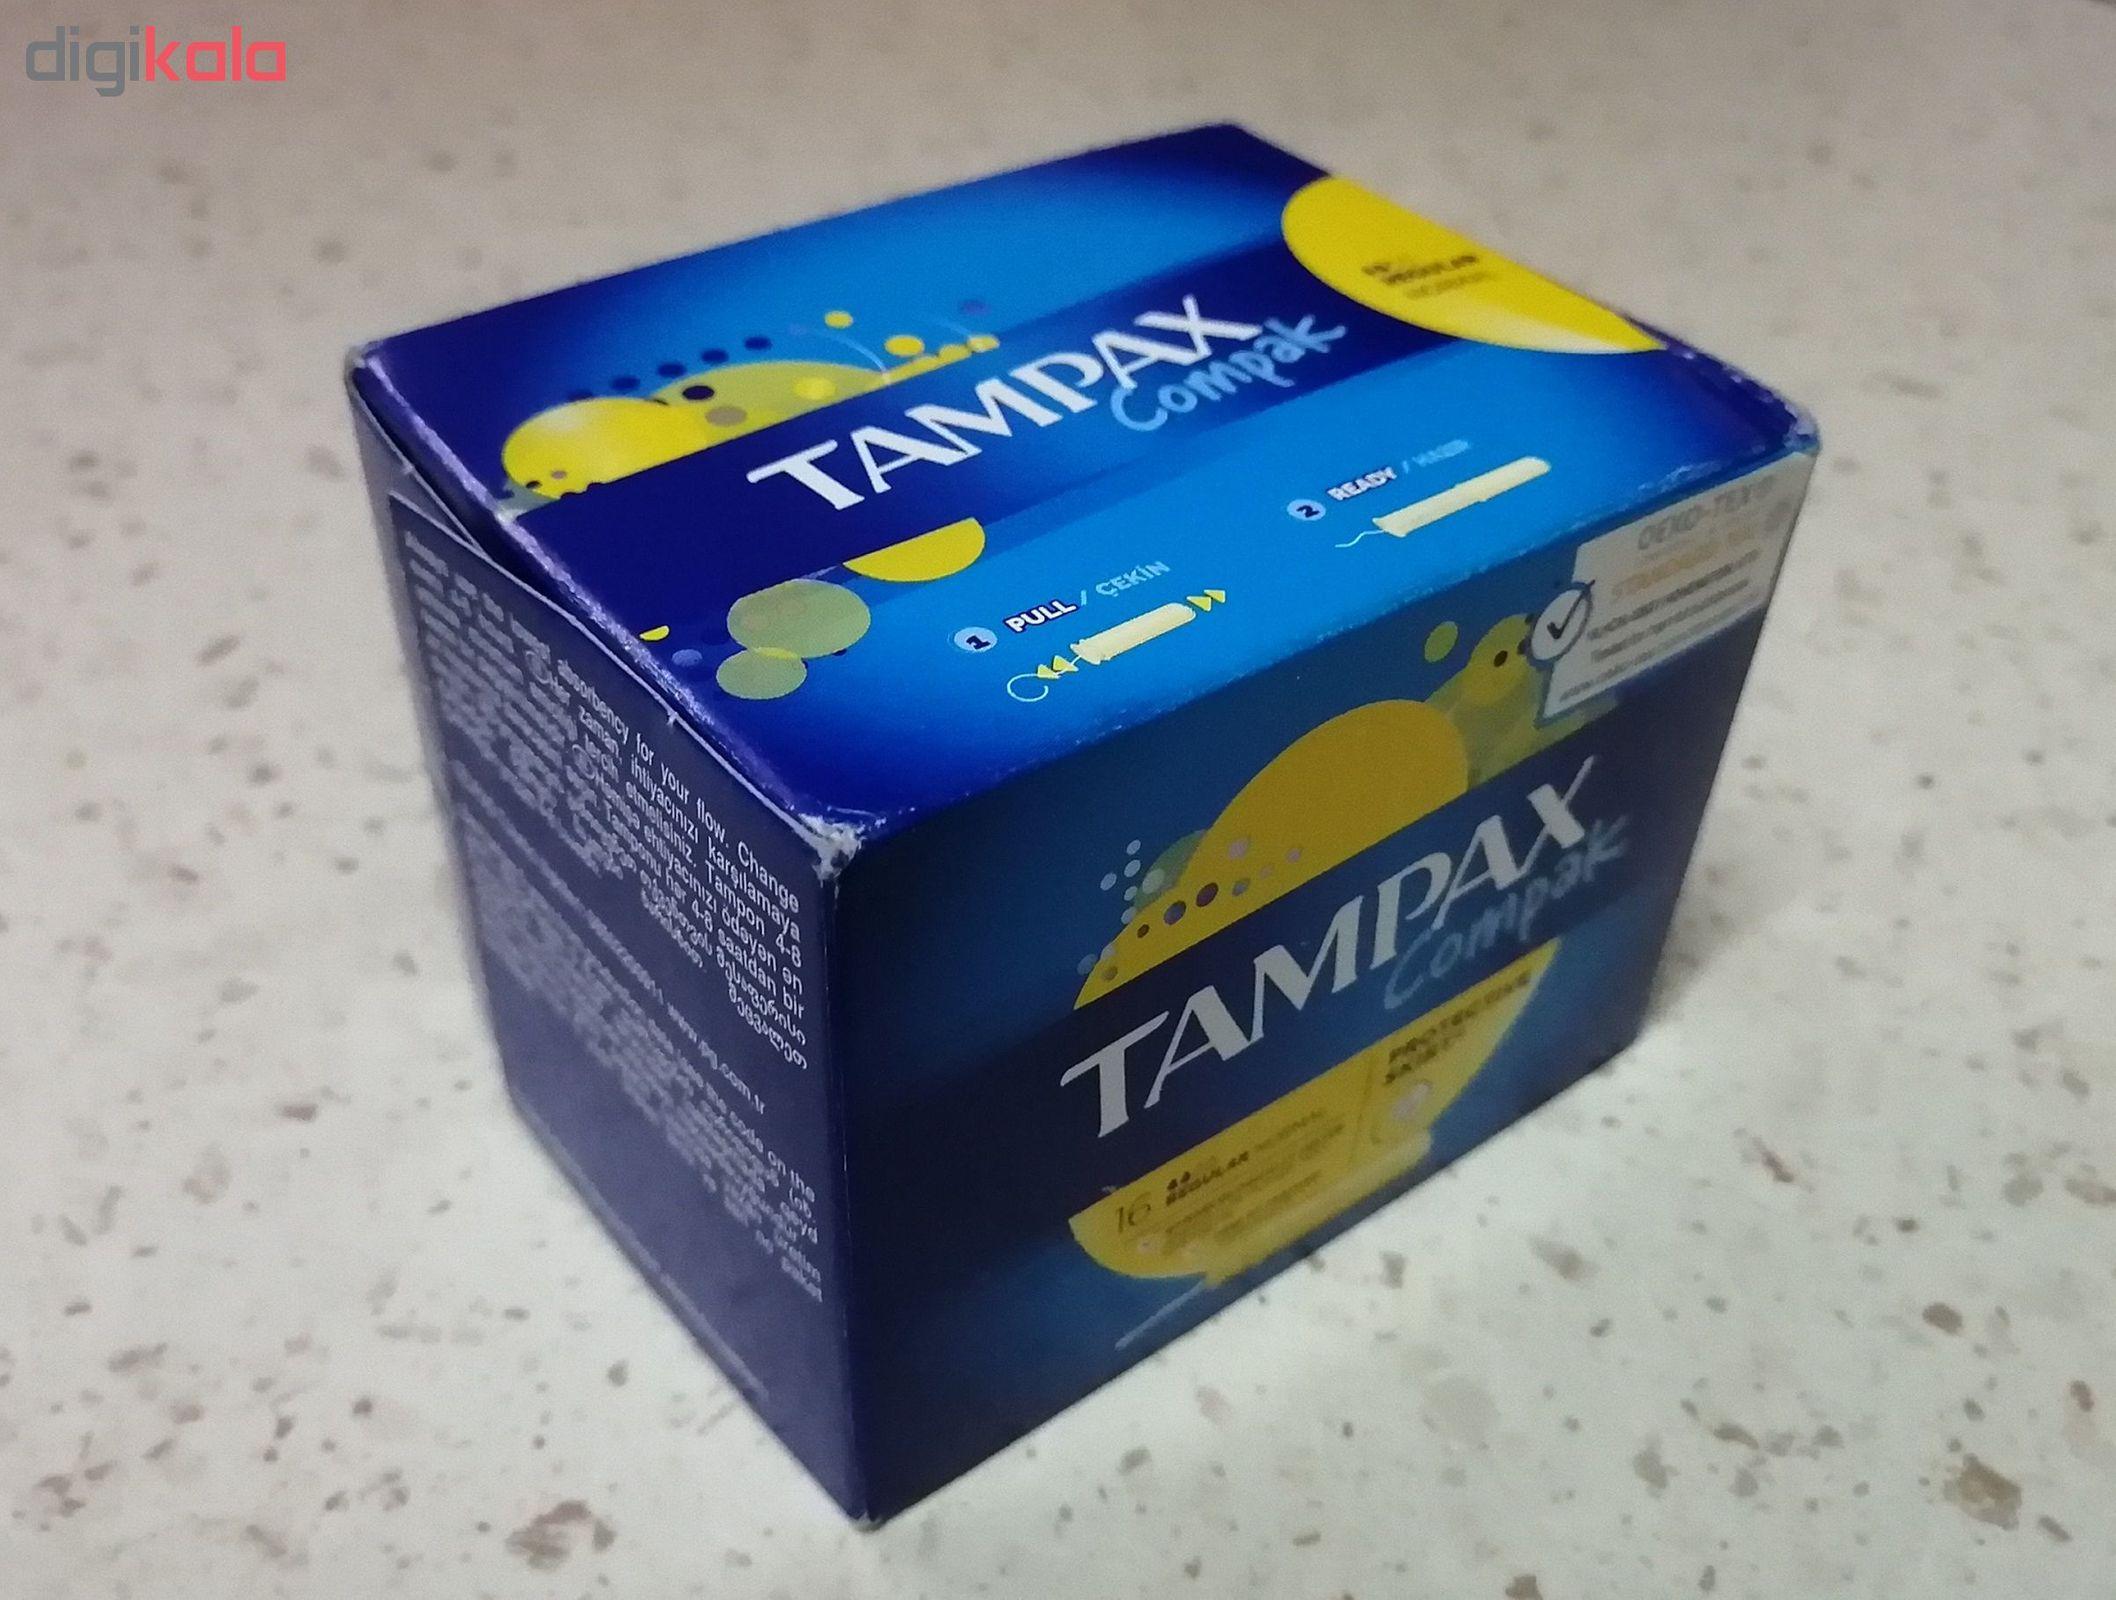 تامپون تامپکس مدل Regular Compak بسته 16 عددی main 1 1